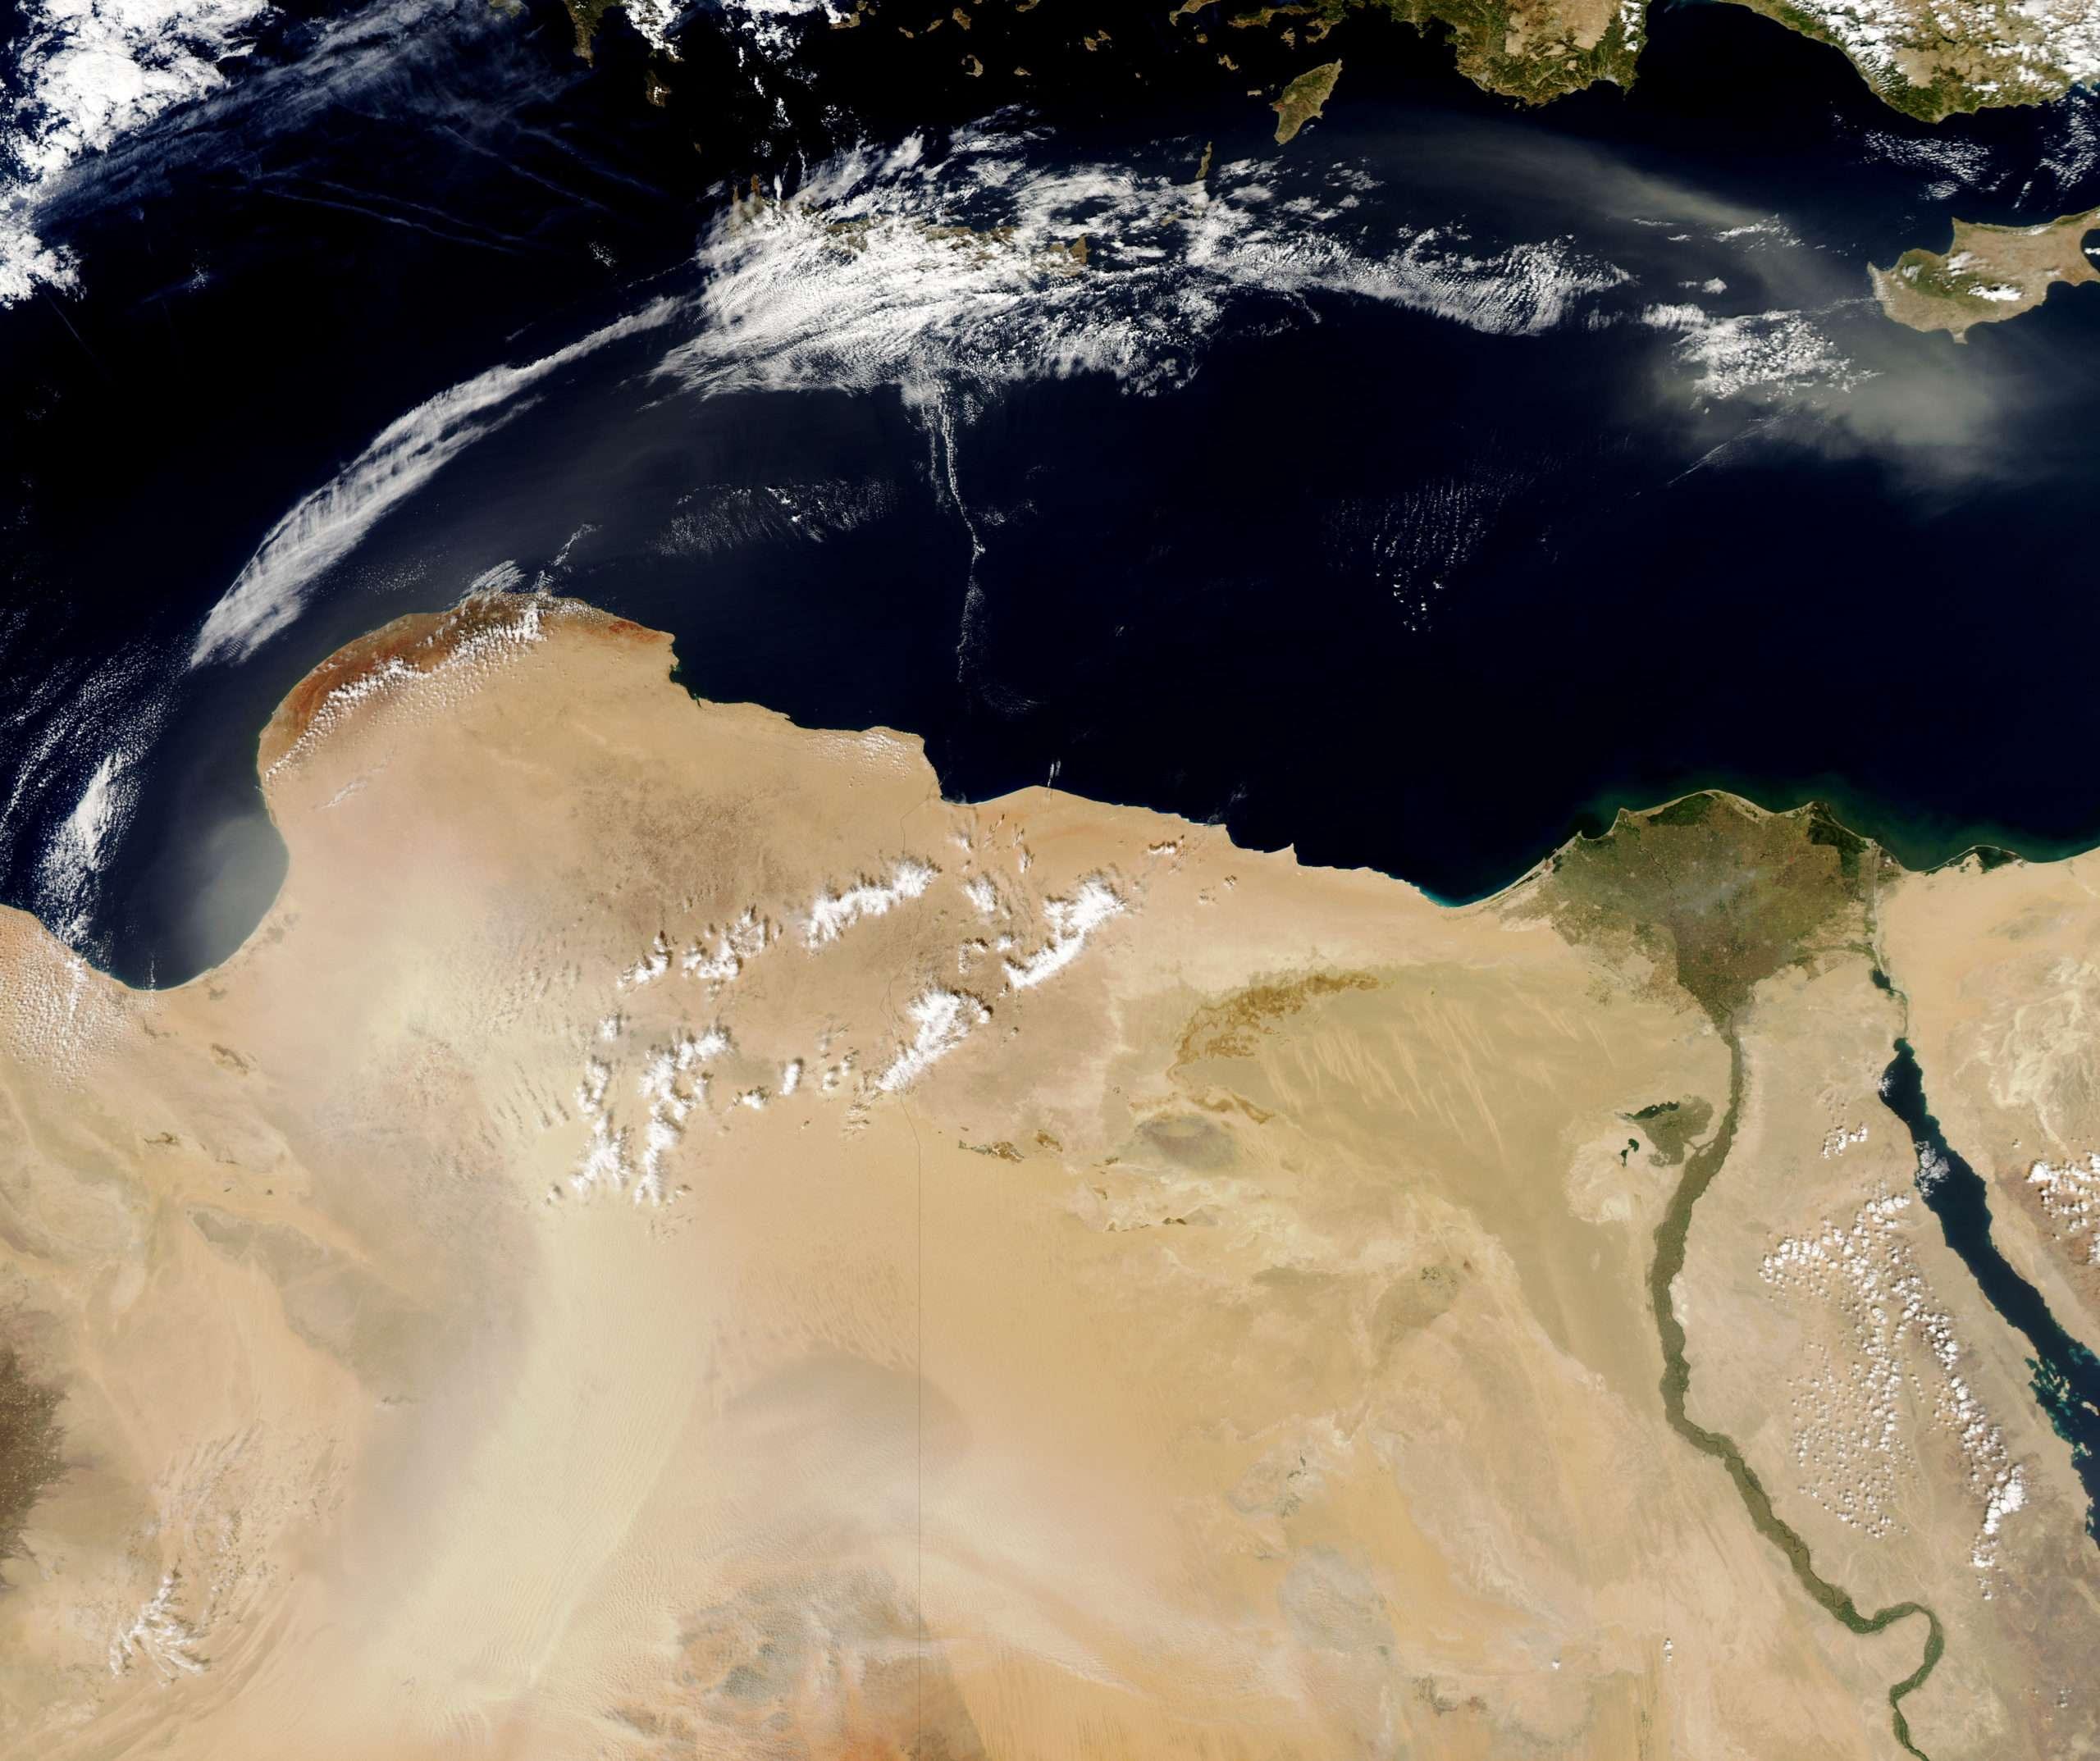 egypt libya satellite view